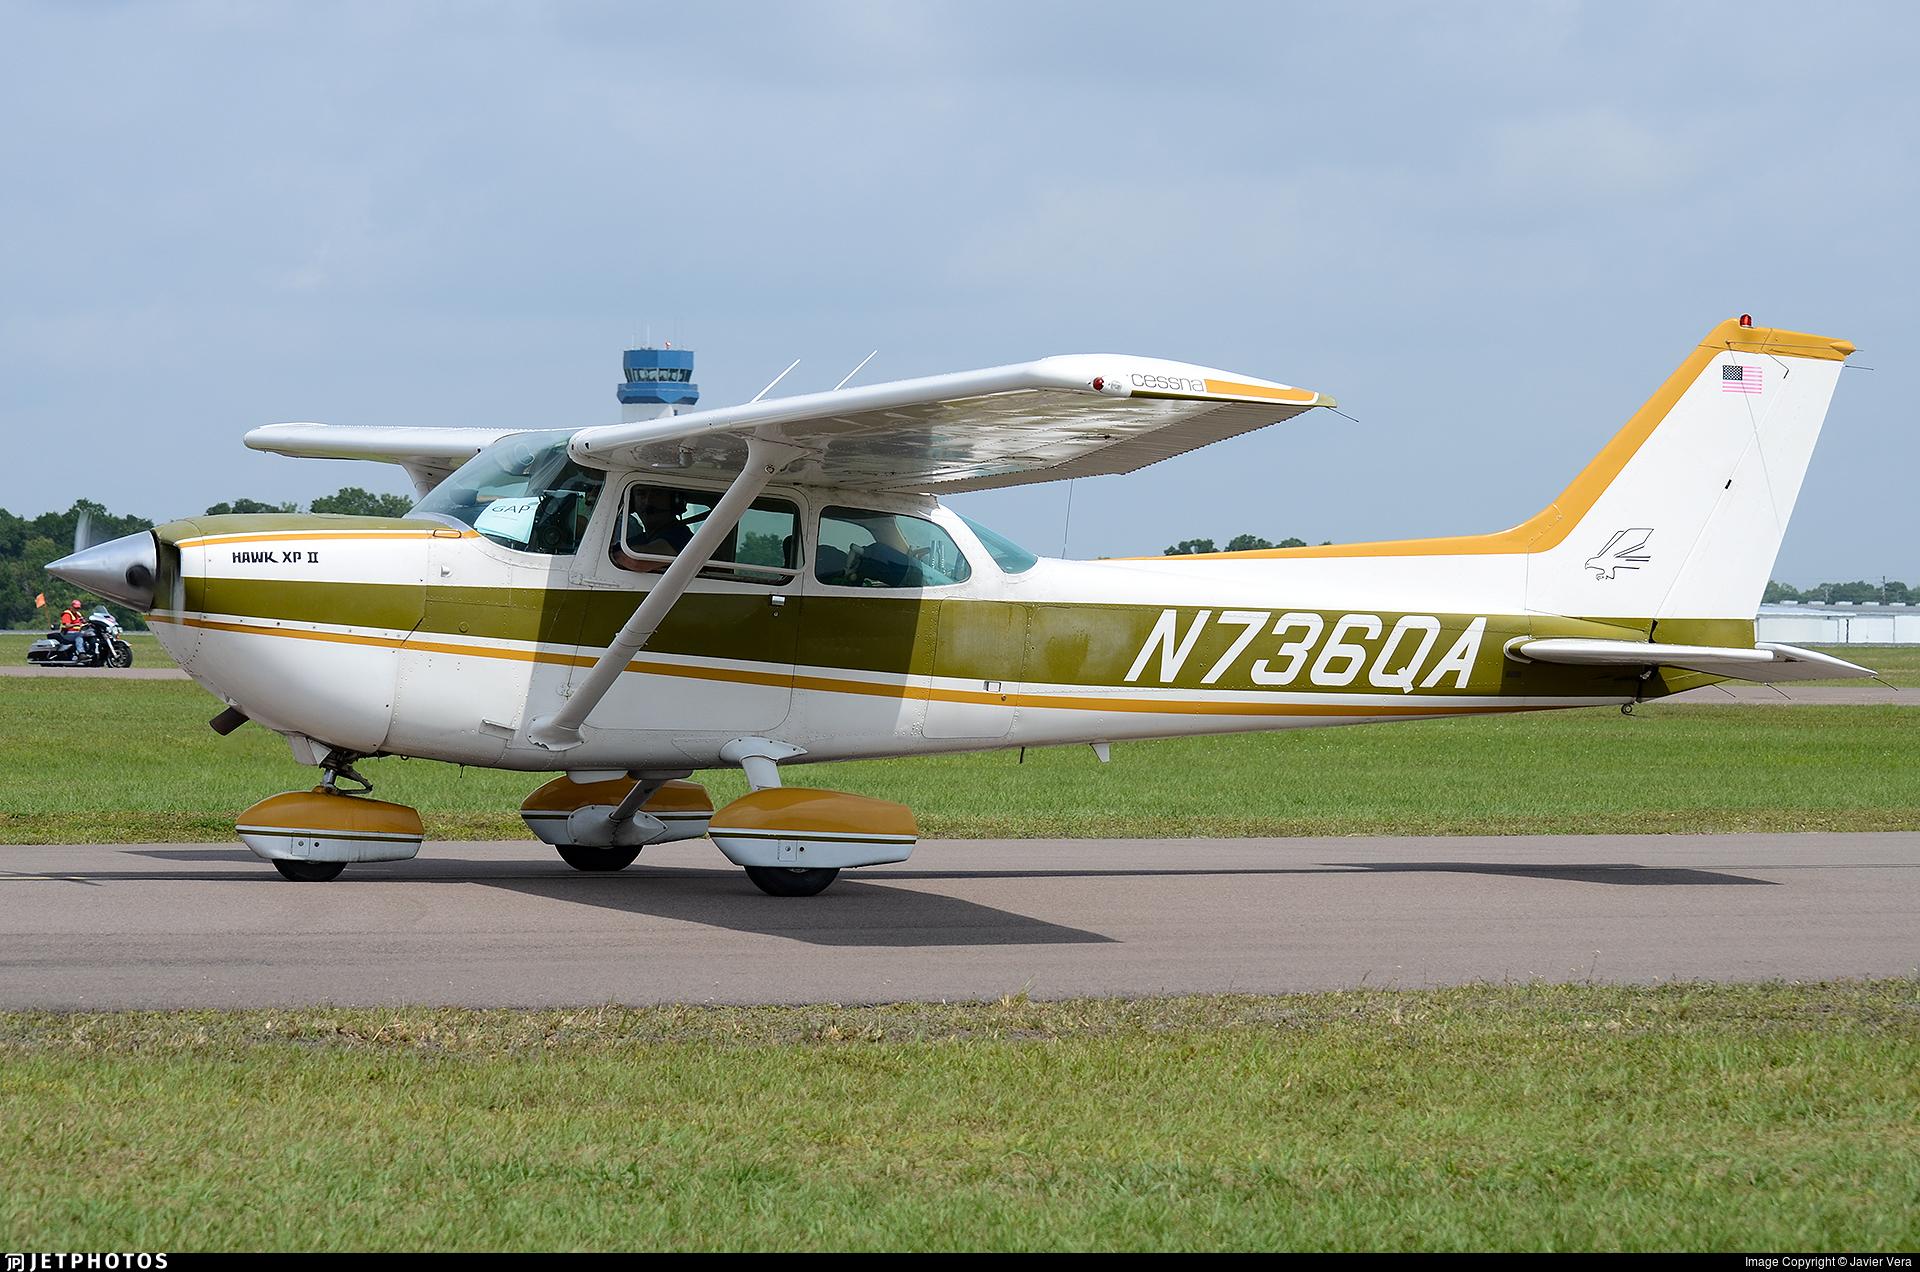 N736QA - Cessna R172K Hawk XP II - Private